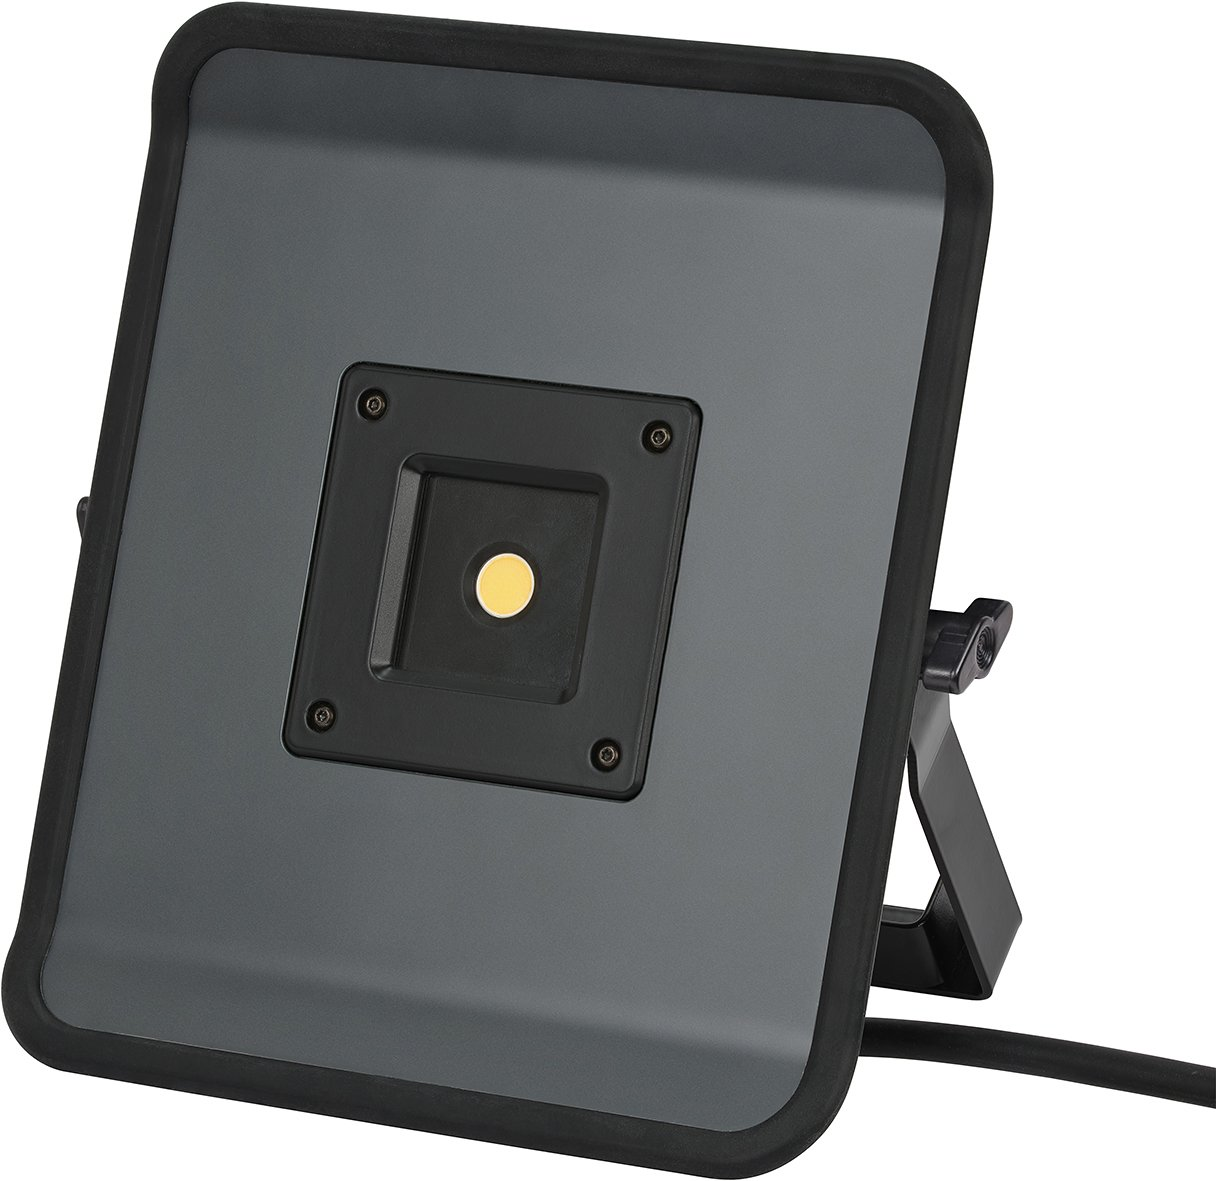 Brennenstuhl Compact LED-Leuchte / LED Strahler mit 50W Leistung und 5m Kabel (Baustrahler fü r auß en und innen, ideal als Arbeitsleuchte) Farbe: grau 1171330512